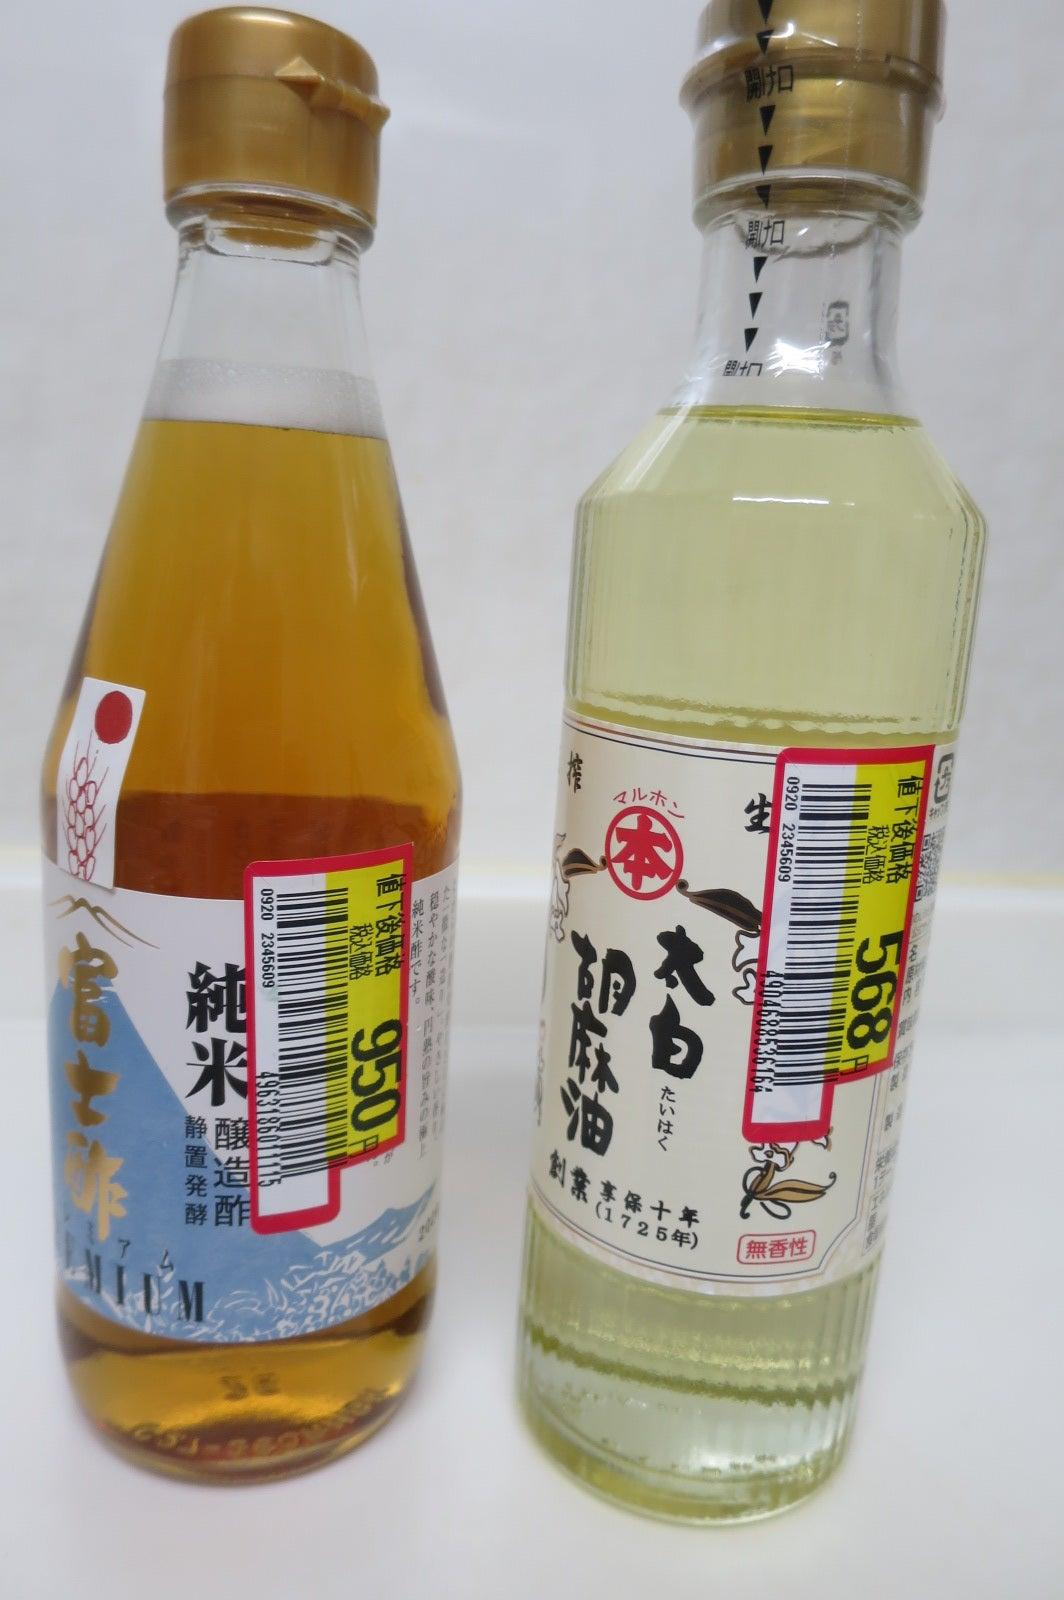 第 54 回 谷崎 潤一郎 賞